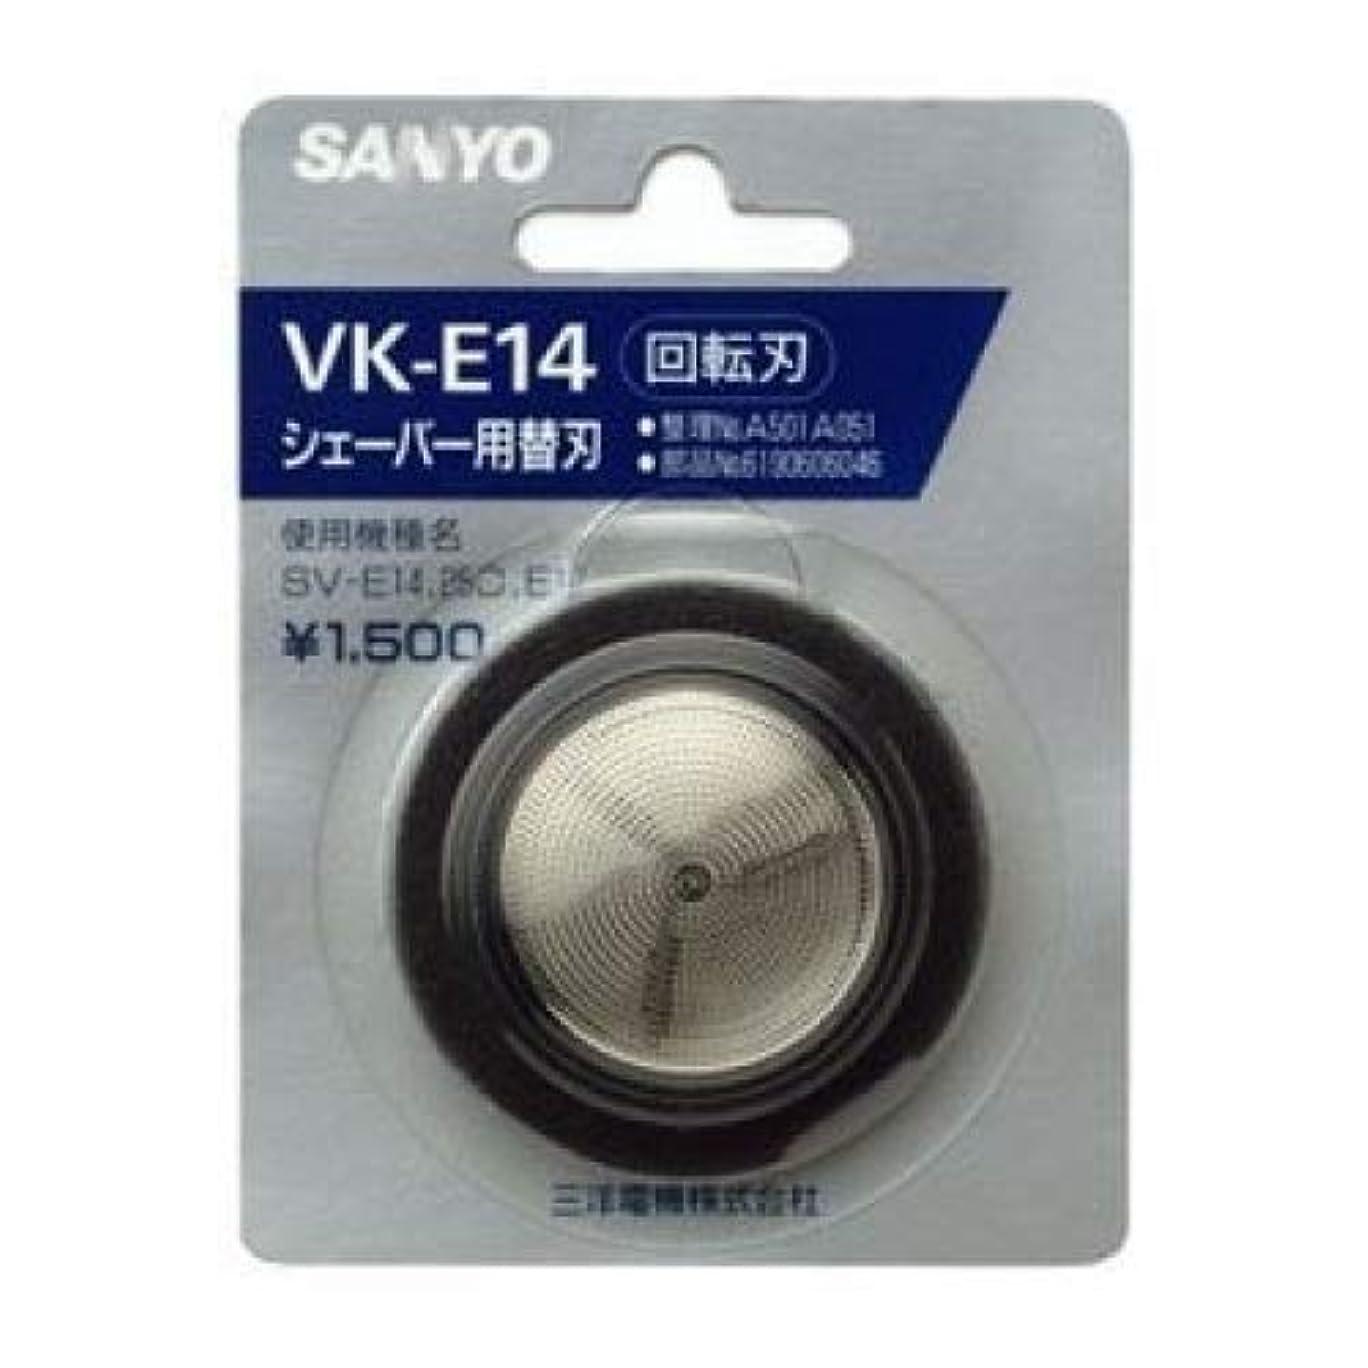 不透明な分析的開始SANYO シェーバー用替刃 回転式 内?外刃セット KA-VK-E14